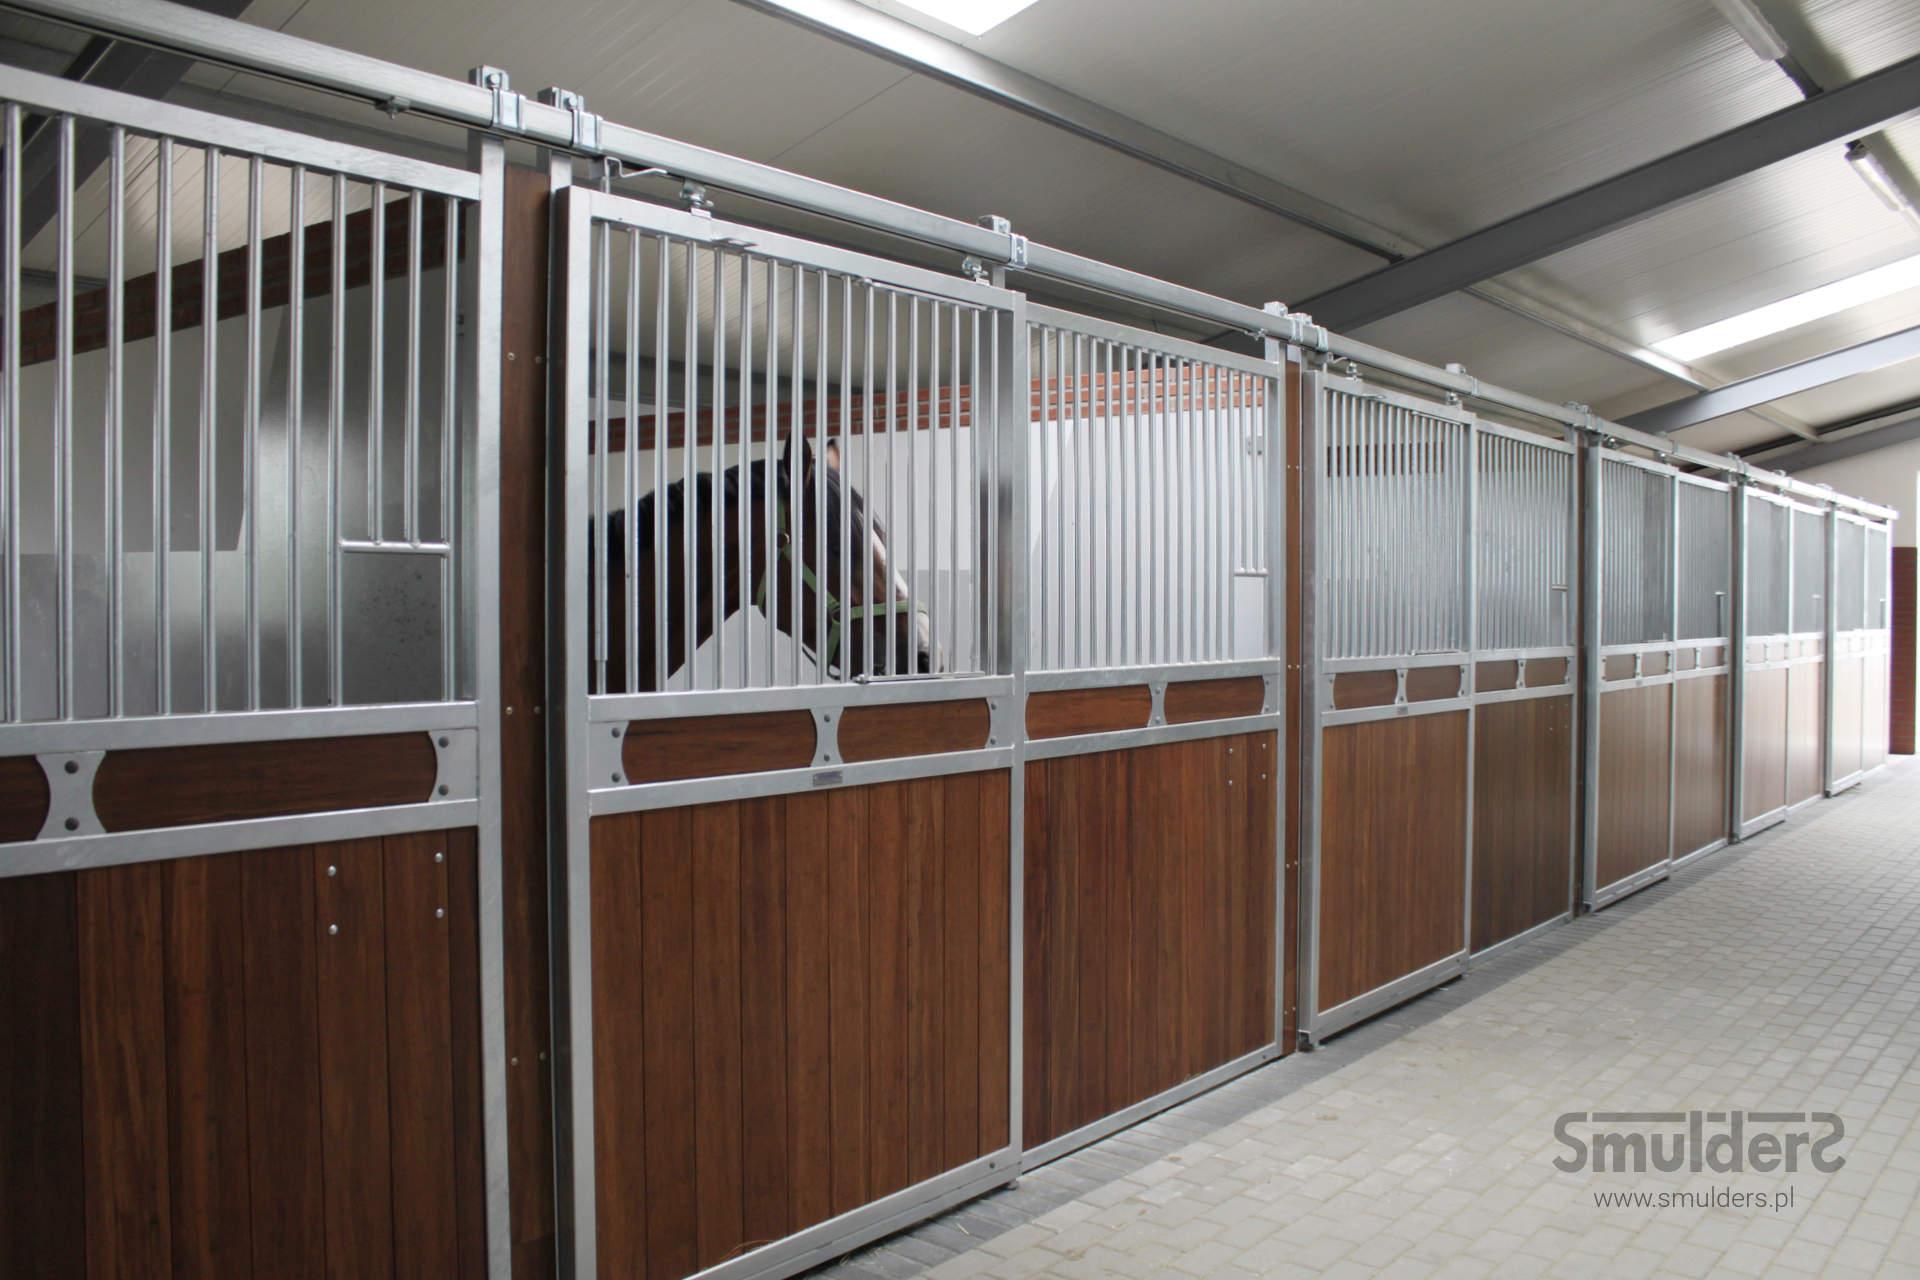 http://www.smulders.pl/wp-content/uploads/2019/07/f001_internal-stables_sport-line_SW_SMULDERS_PL.jpg